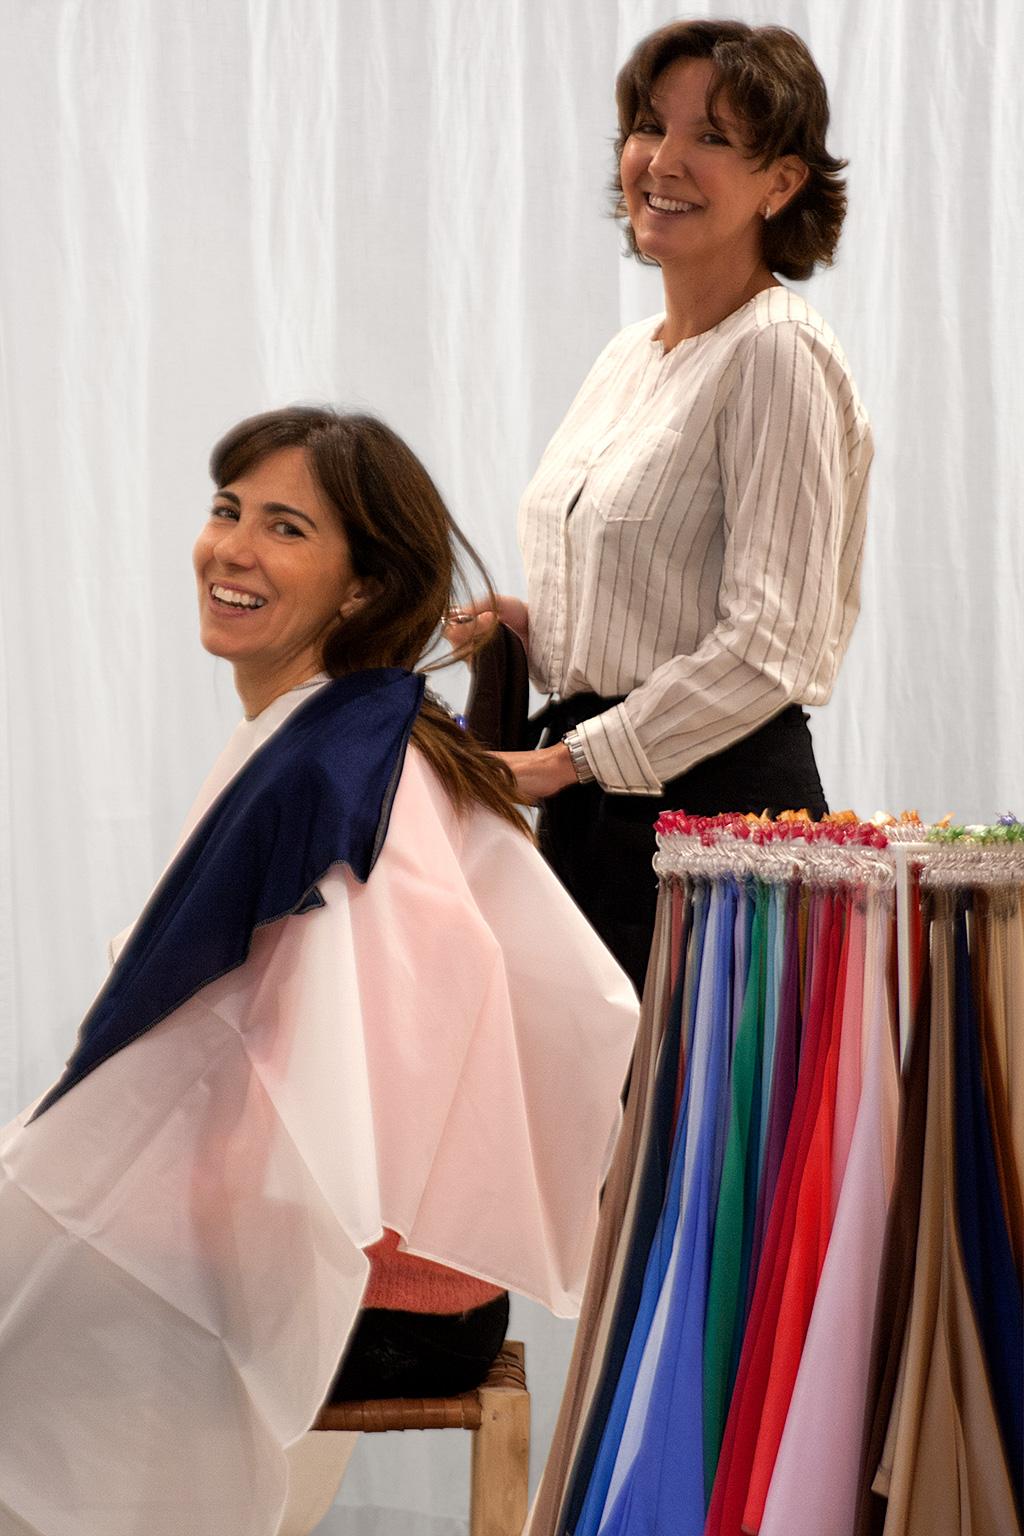 Inés de la Peña, asesora de imagen personal, posando Laura de Muselines.